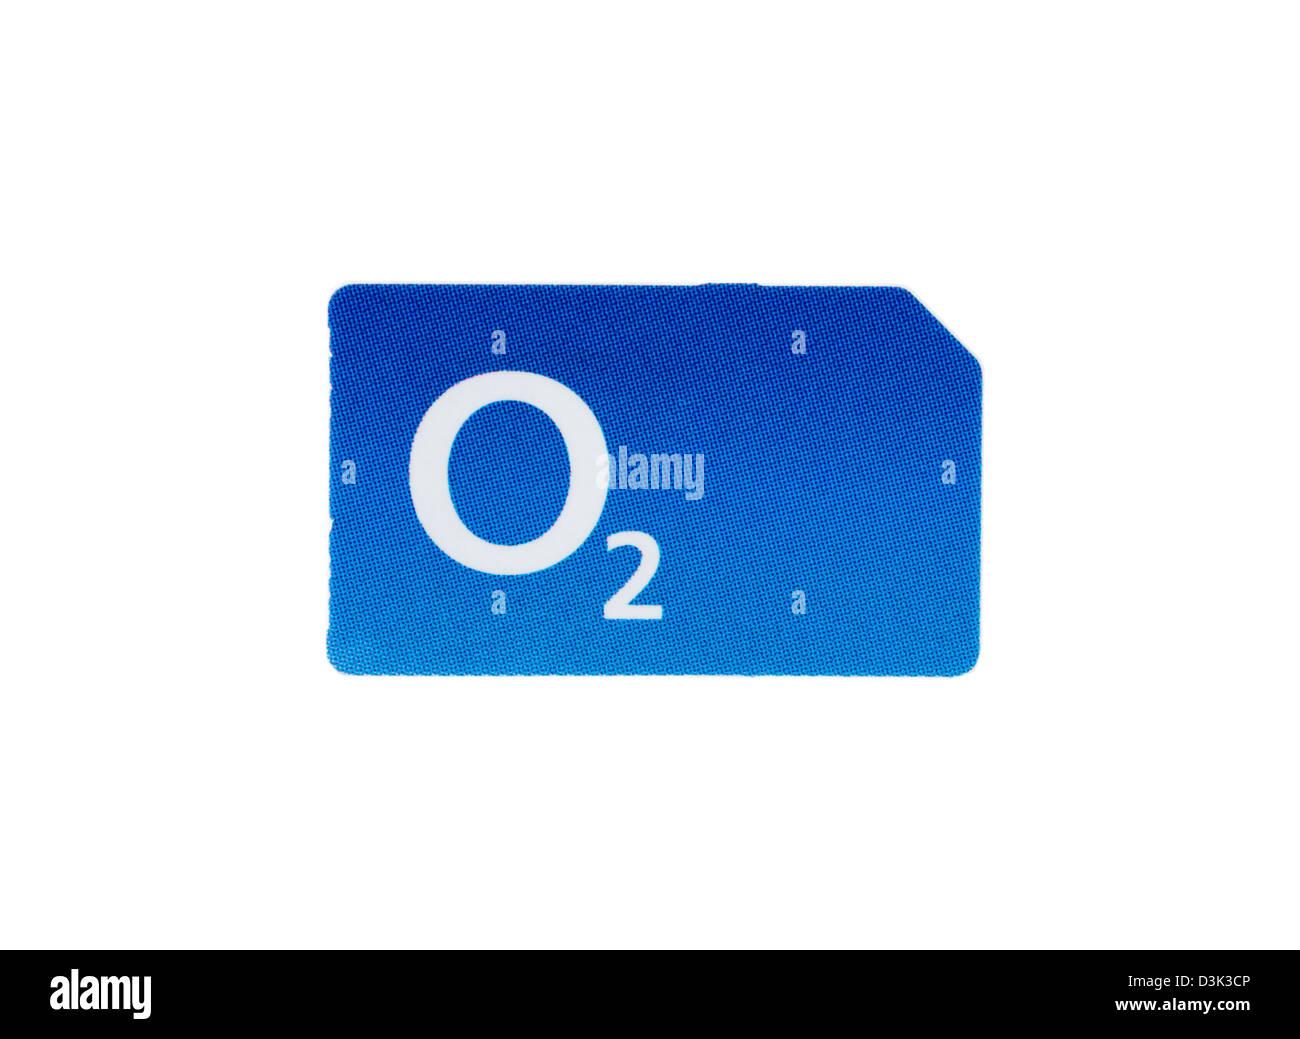 Eine O2 SIM-Karte für ein Mobiltelefon Stockfoto